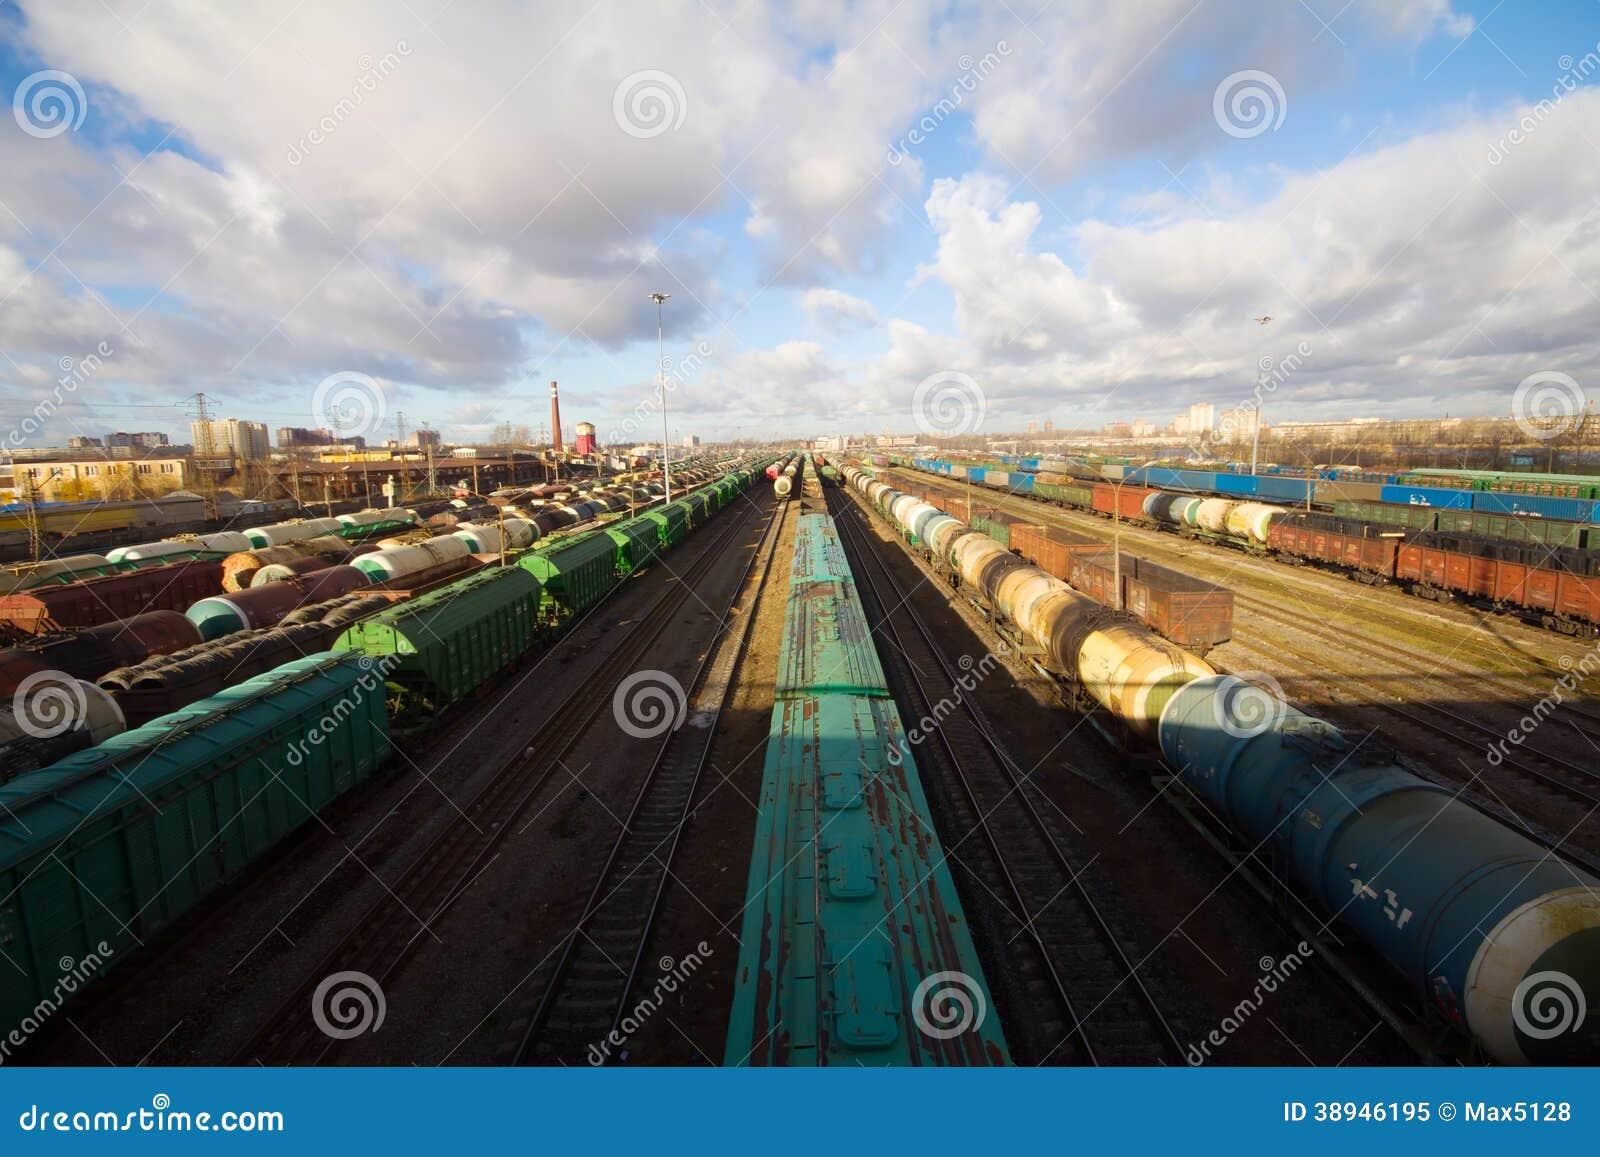 Trem de mercadorias com os recipientes de carga da cor